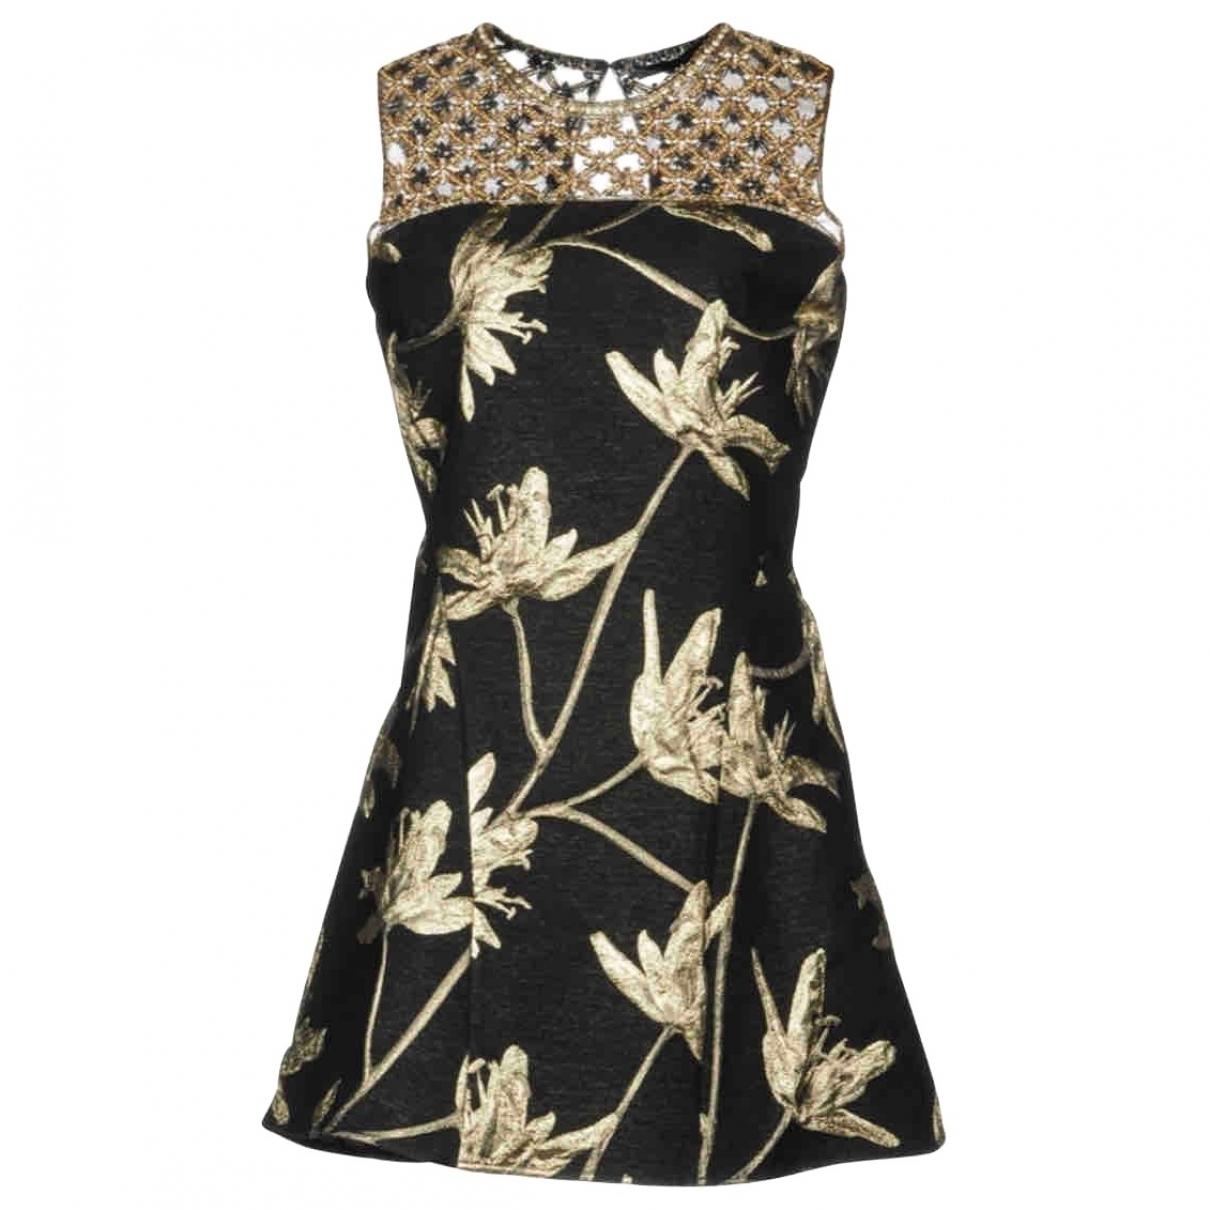 Amen Italy \N Kleid in  Schwarz Polyester